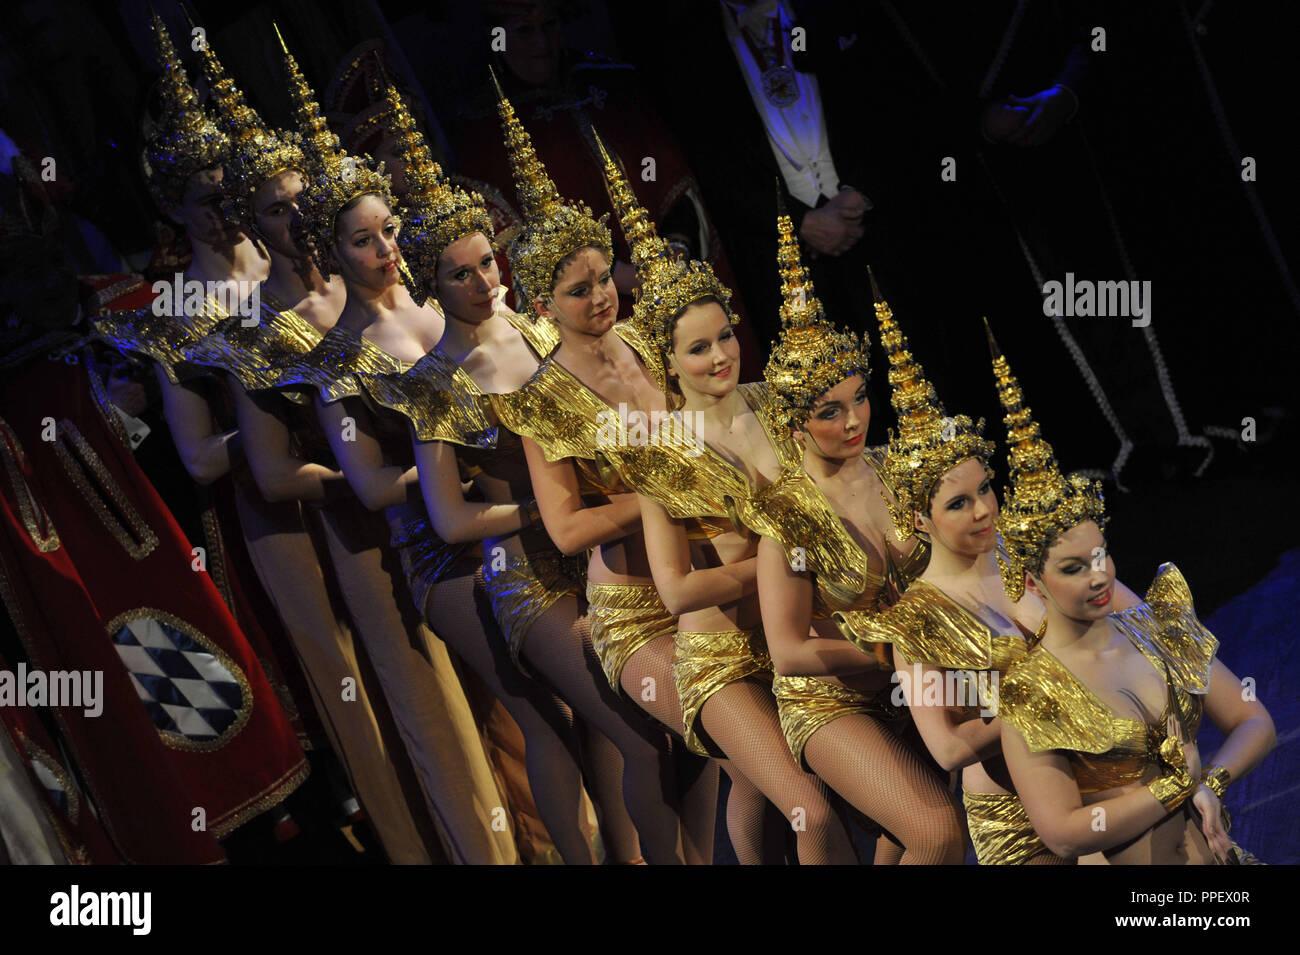 Faschingsgarde (Karneval Guard) während der Narrhalla Soiree 2013 im Ballsaal des Hotels Bayerischer Hof in München. Stockbild